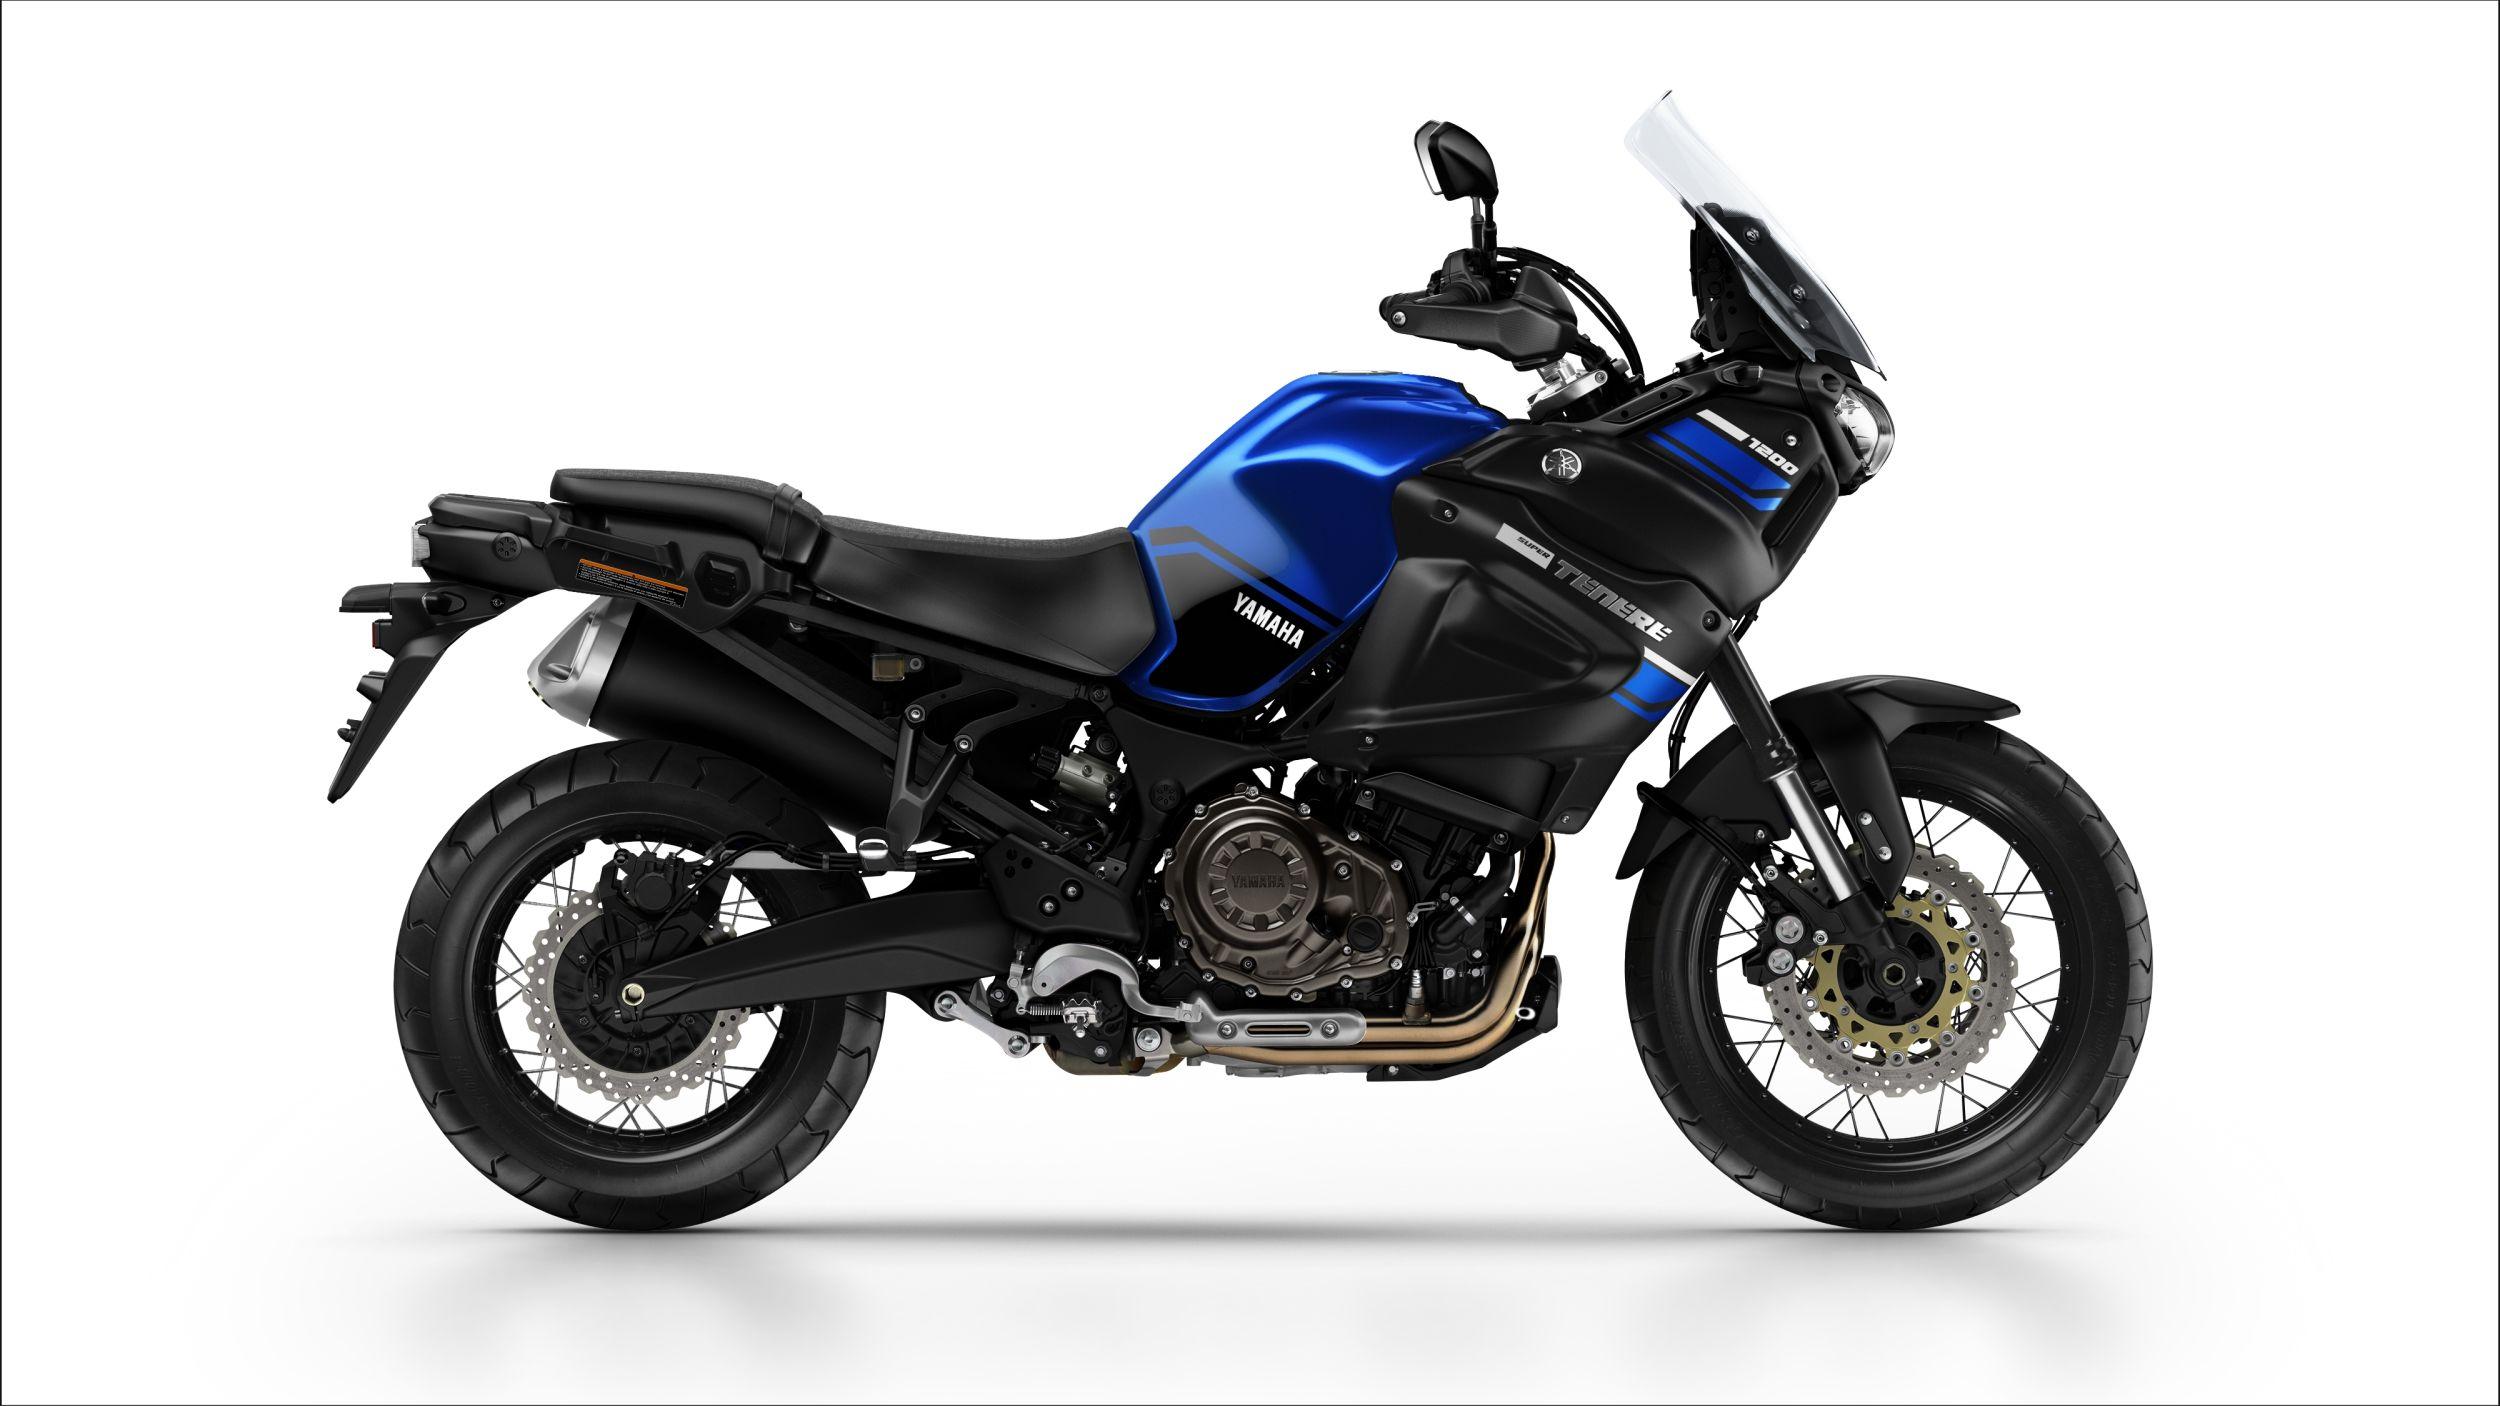 Yamaha XT1200Z Super Ténéré - Wikipedia